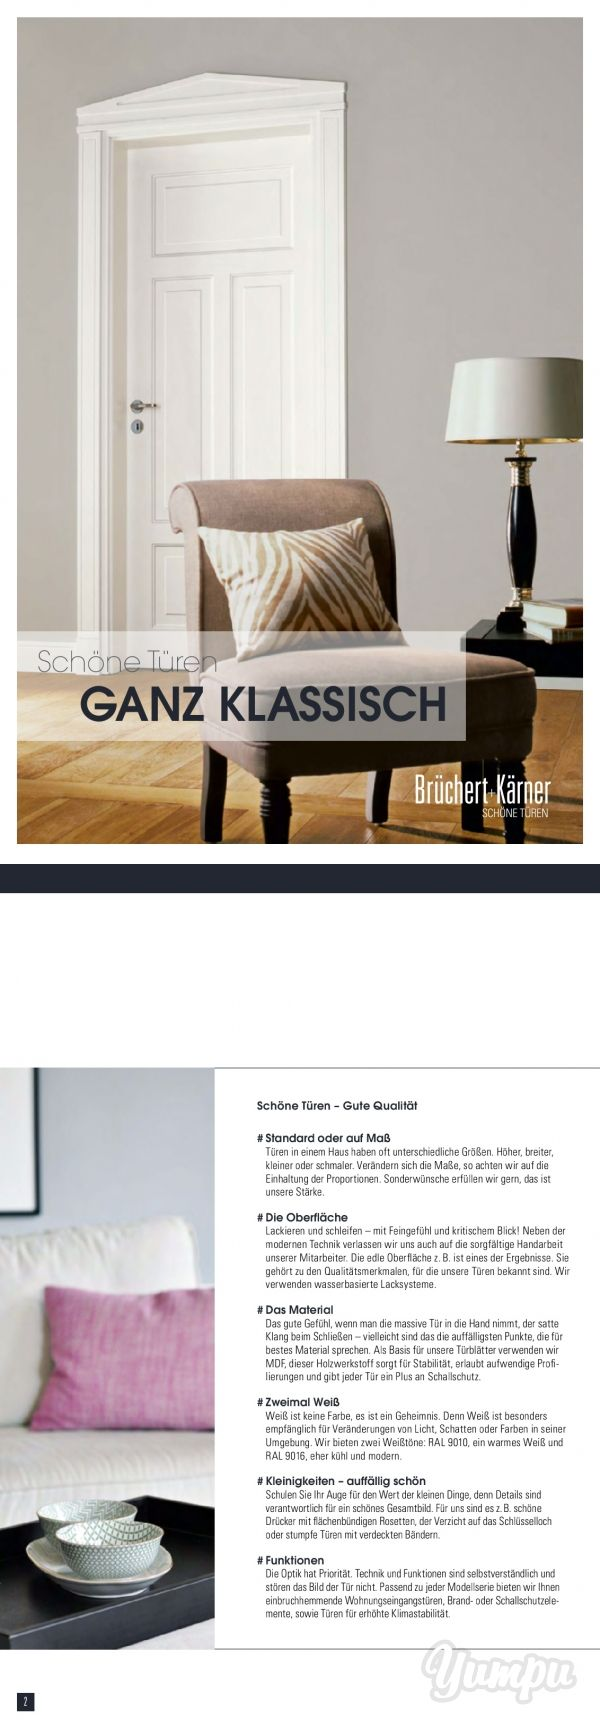 22 besten Fassade Bilder auf Pinterest   Fassaden, Türen innen und ...